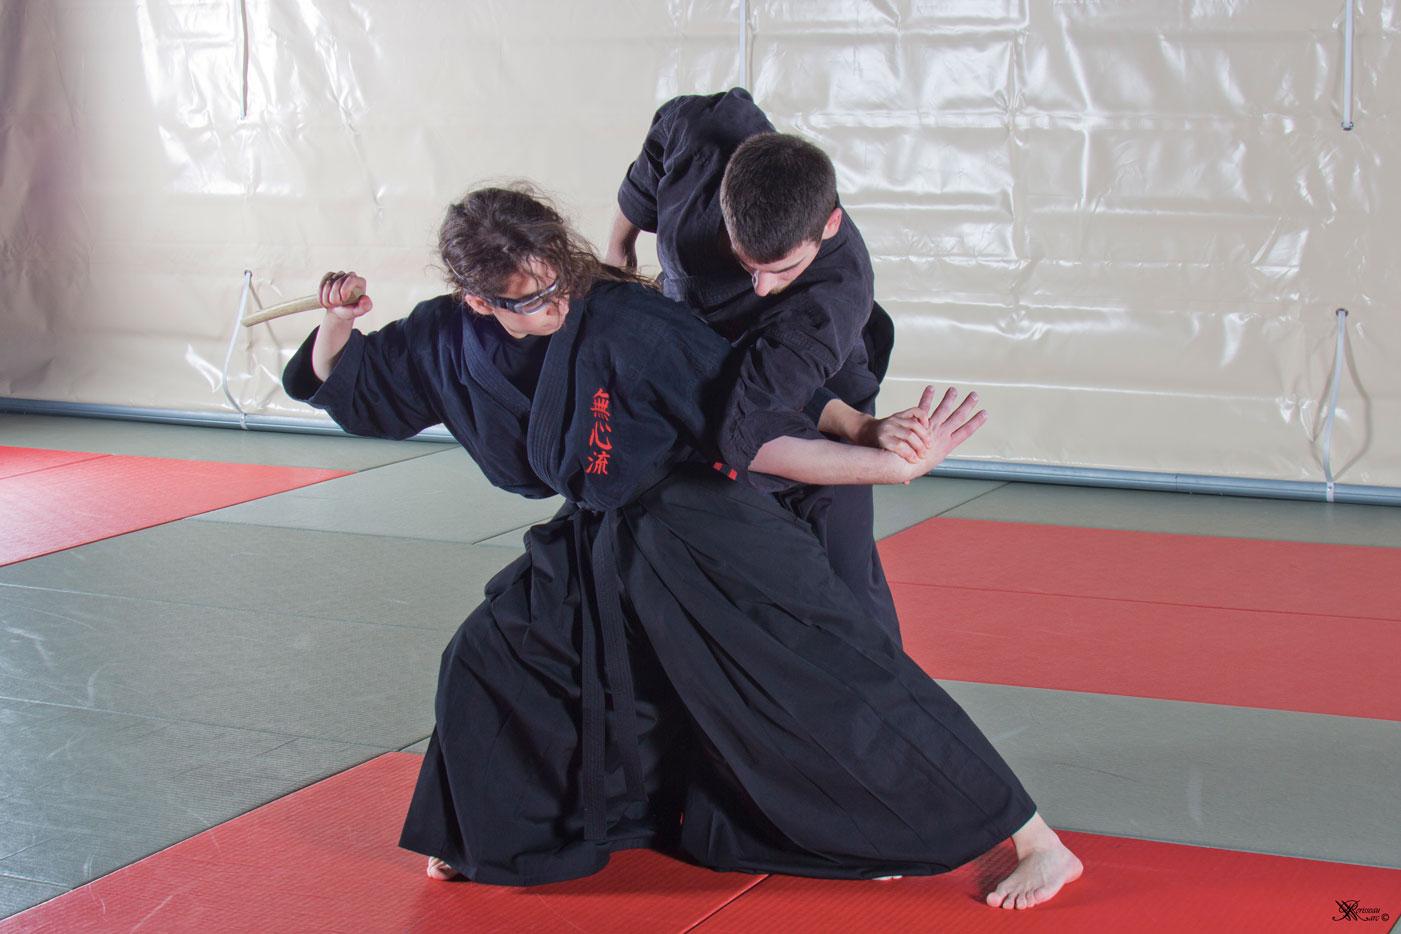 Mushin Ryu Ju Jutsu - Shiho nage